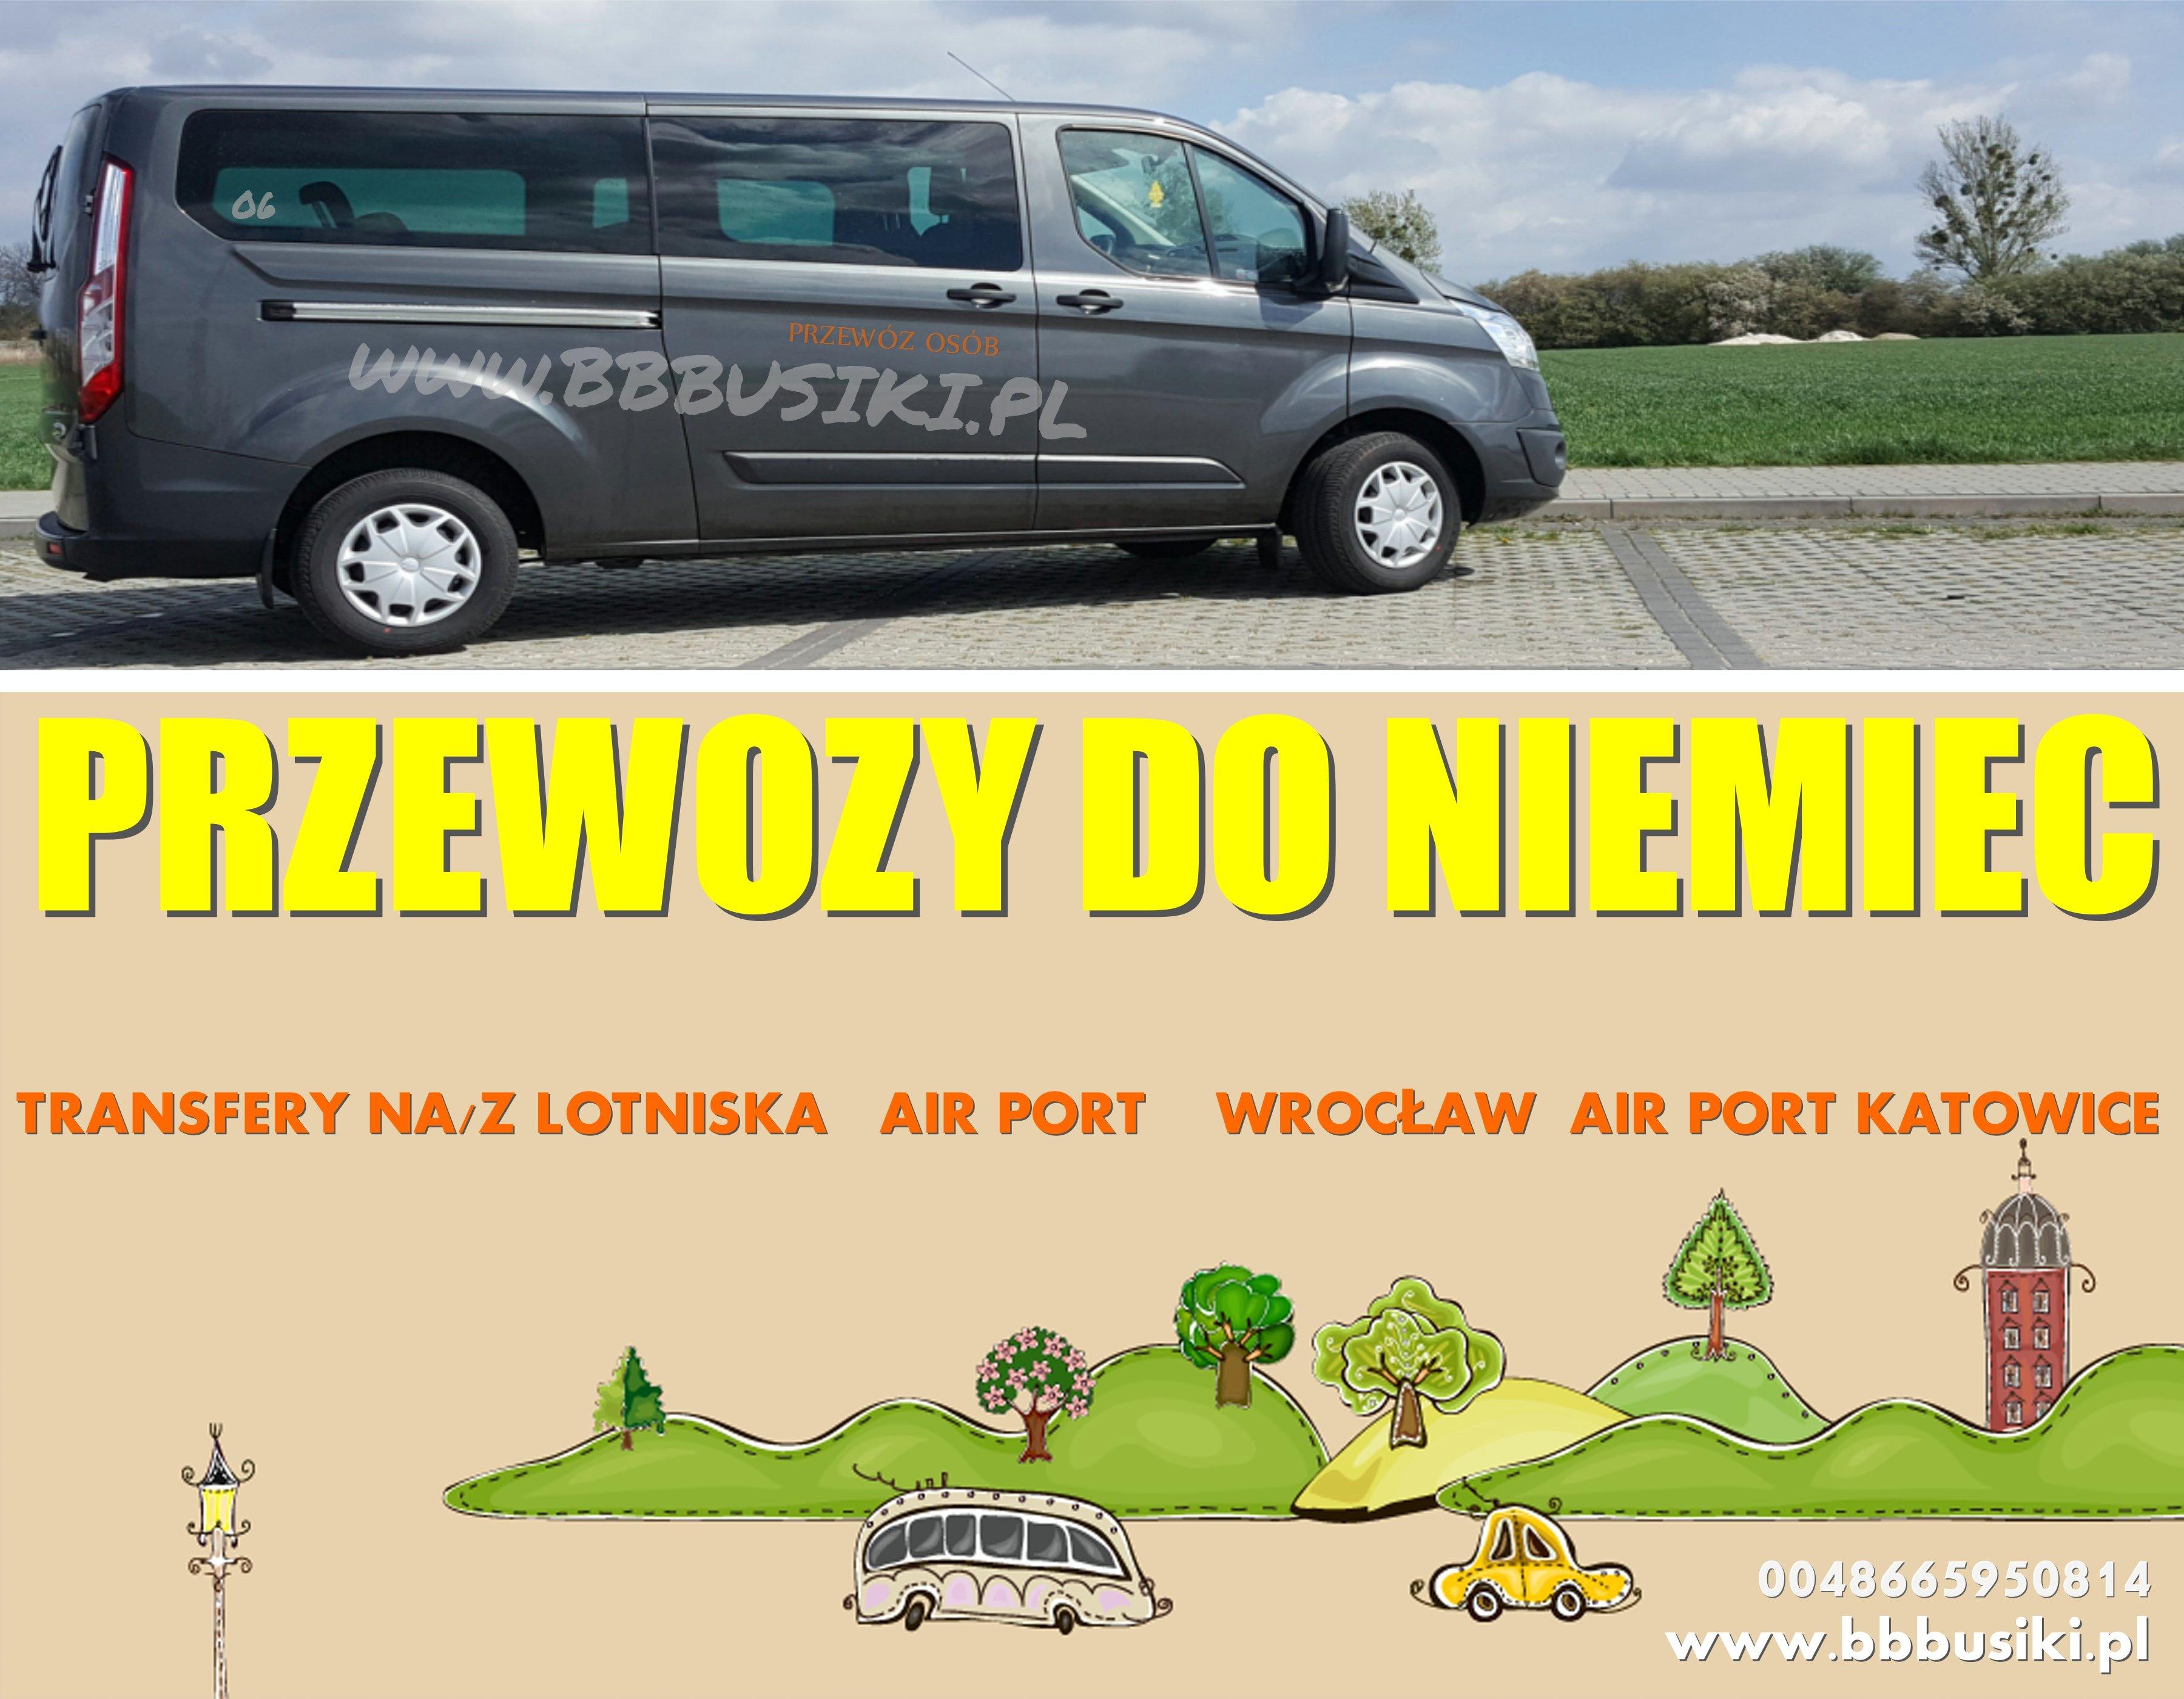 PRZEWOZY MIKROBUSAMI DO NIEMIEC AUSTRII  BBBUSIKI.PL